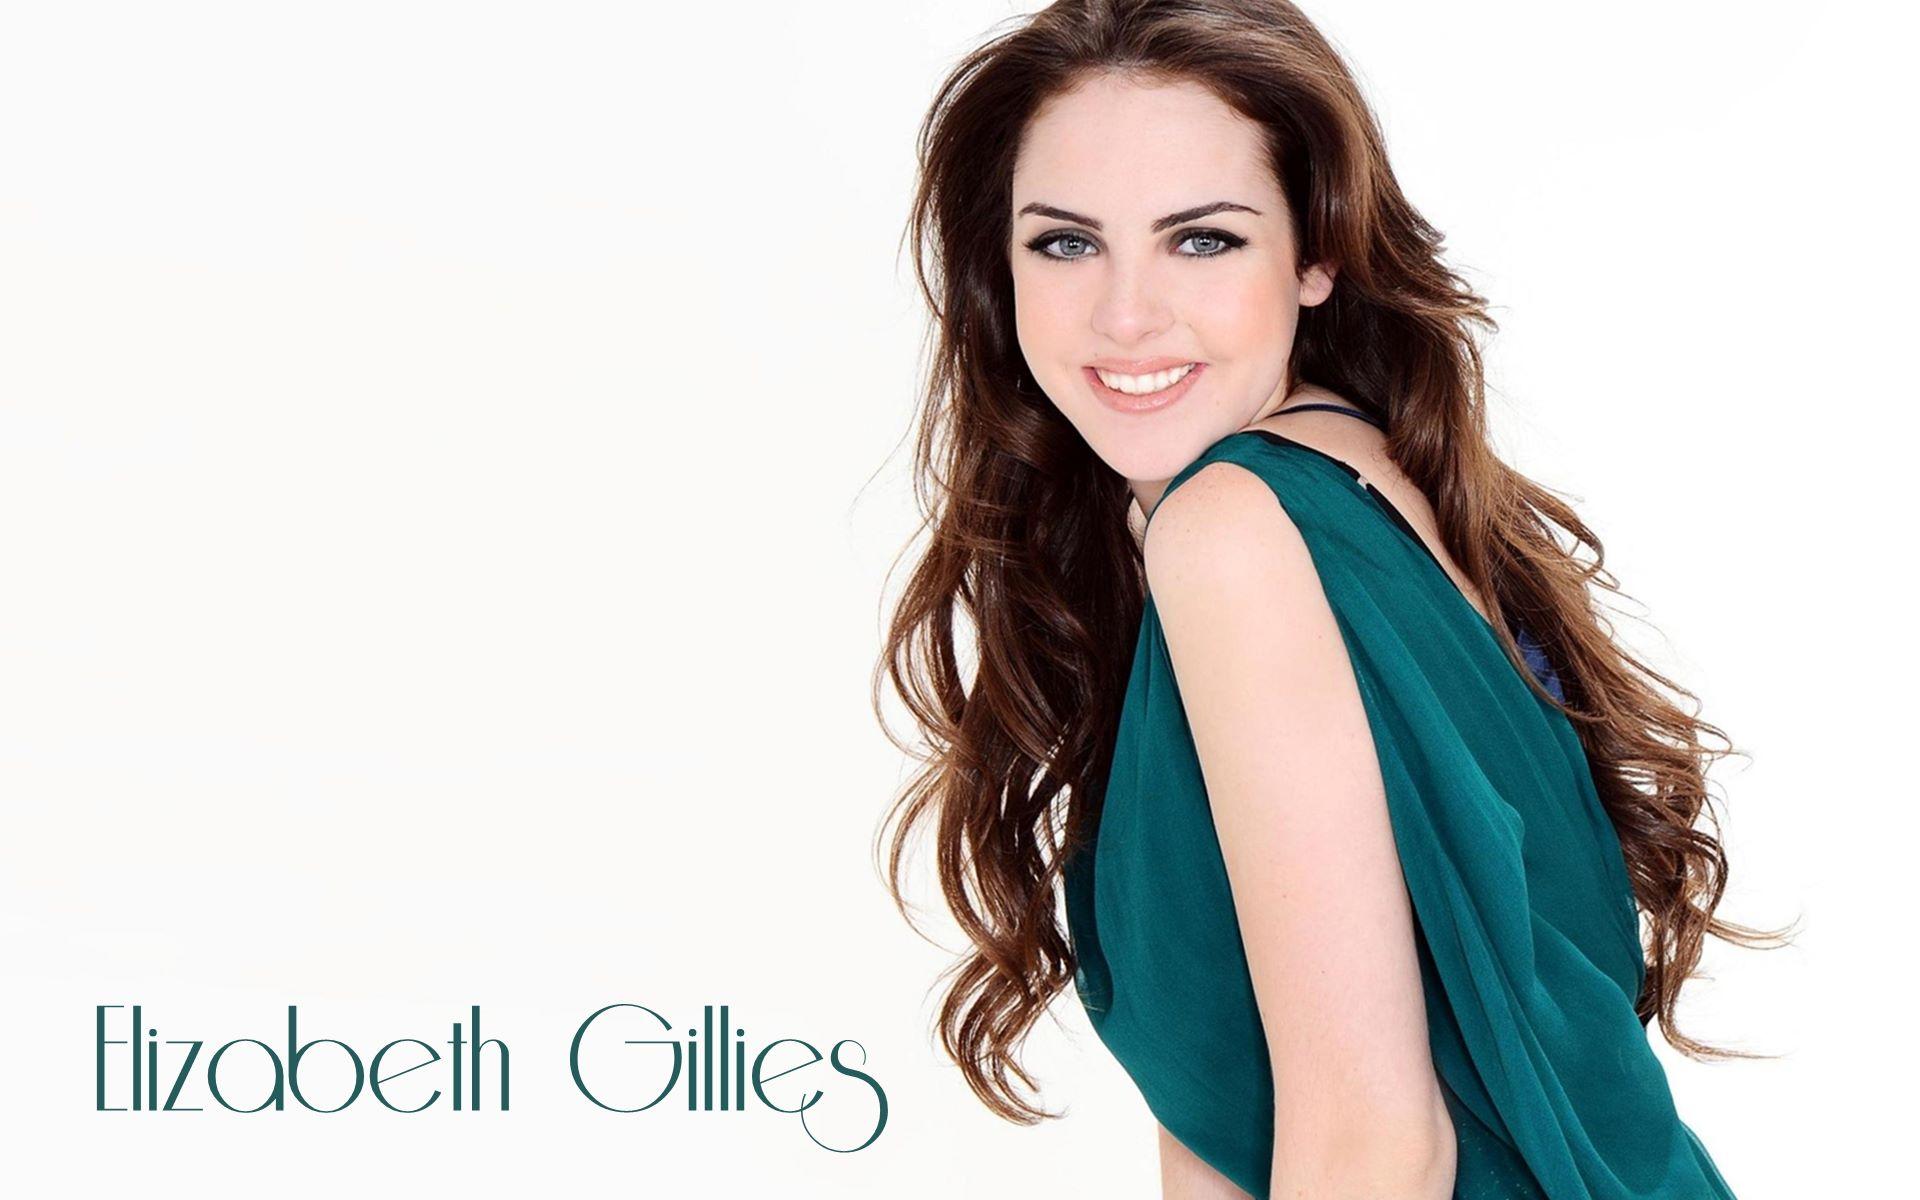 Elizabeth Egan Gillies født 26 juli 1993 i Haworth New Jersey er en amerikansk skuespiller og artist Gillies er først og fremst kjent for å spille Jade West i